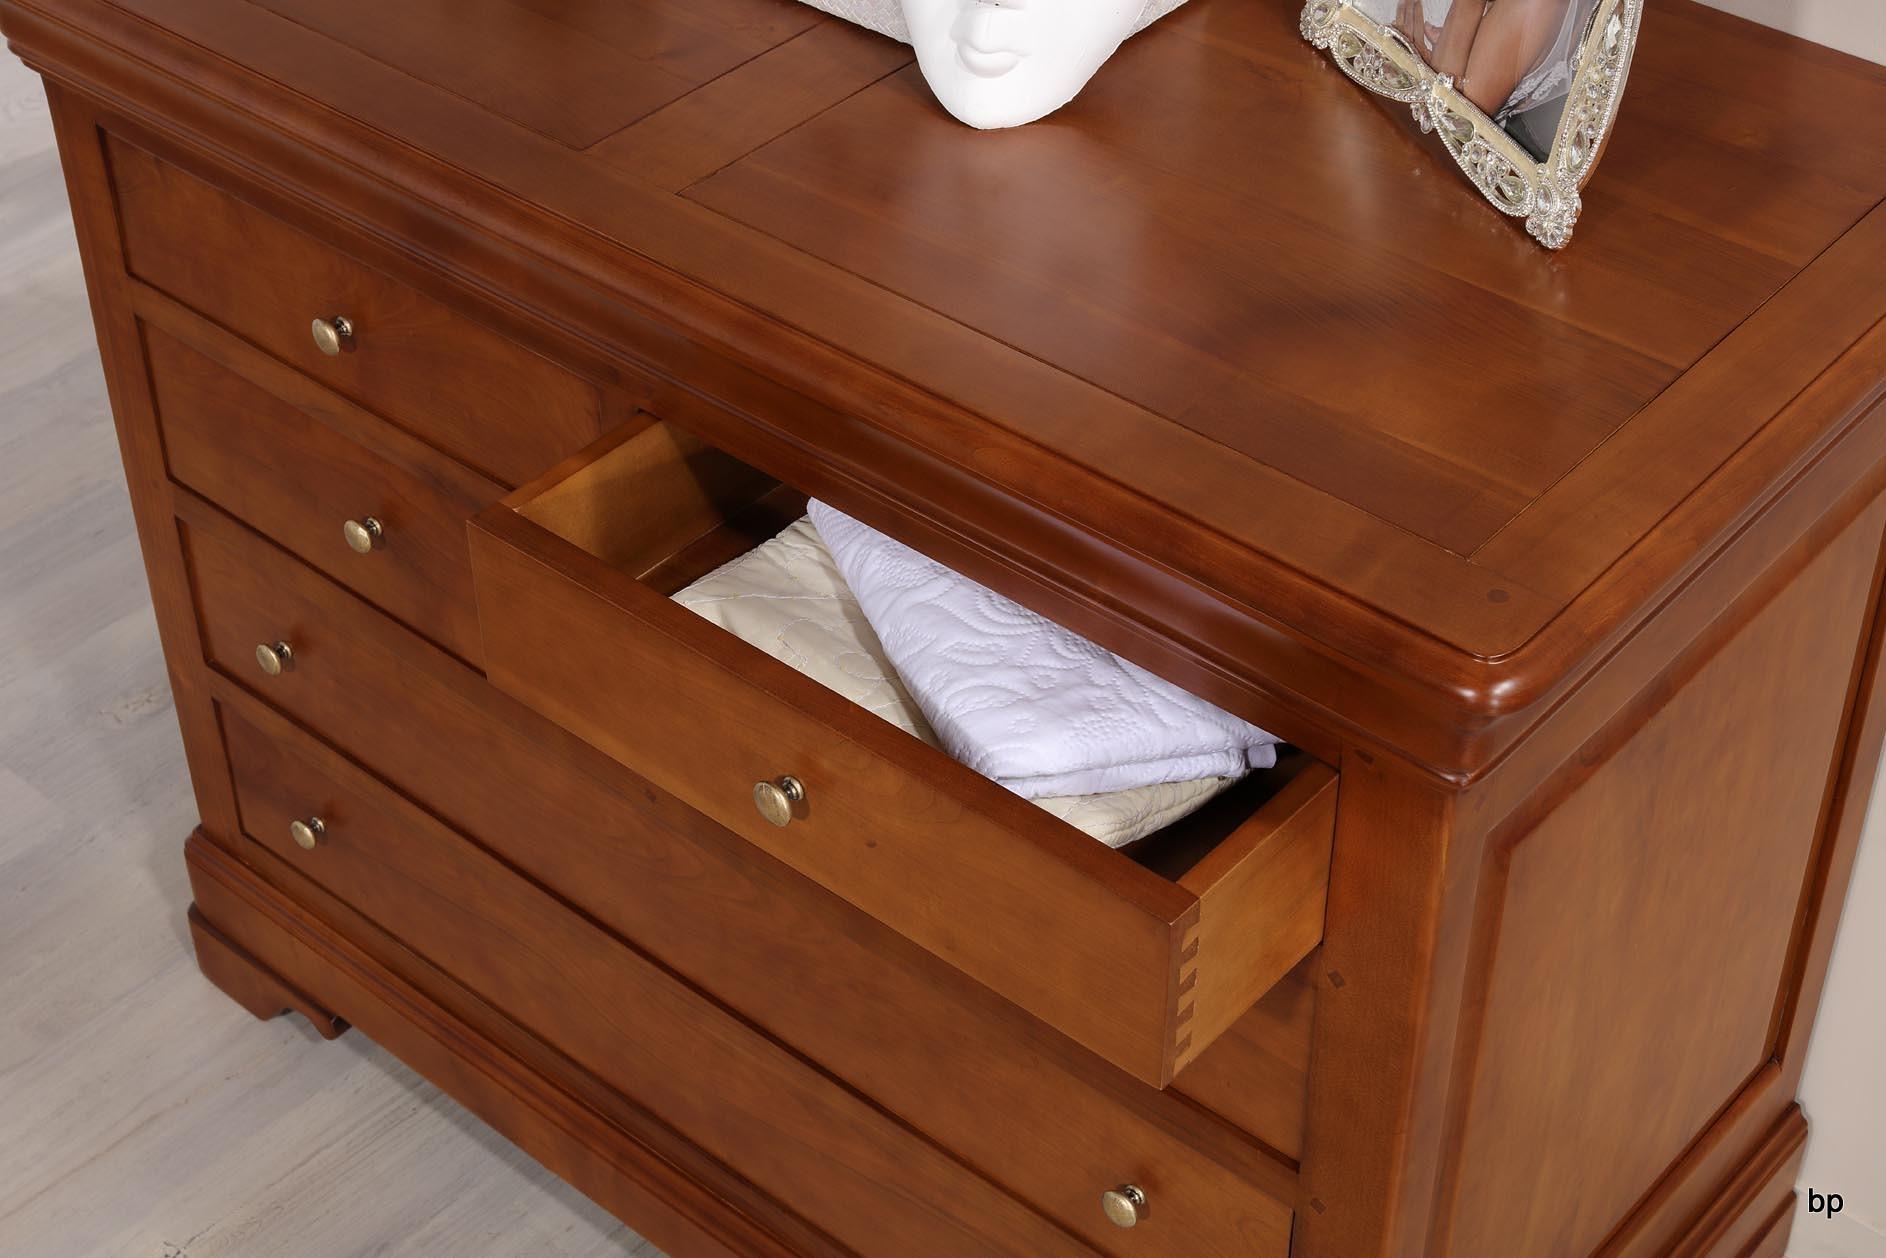 commode 6 tiroirs en merisier massif de style louis philippe bonne affaire 1 disponible meuble. Black Bedroom Furniture Sets. Home Design Ideas